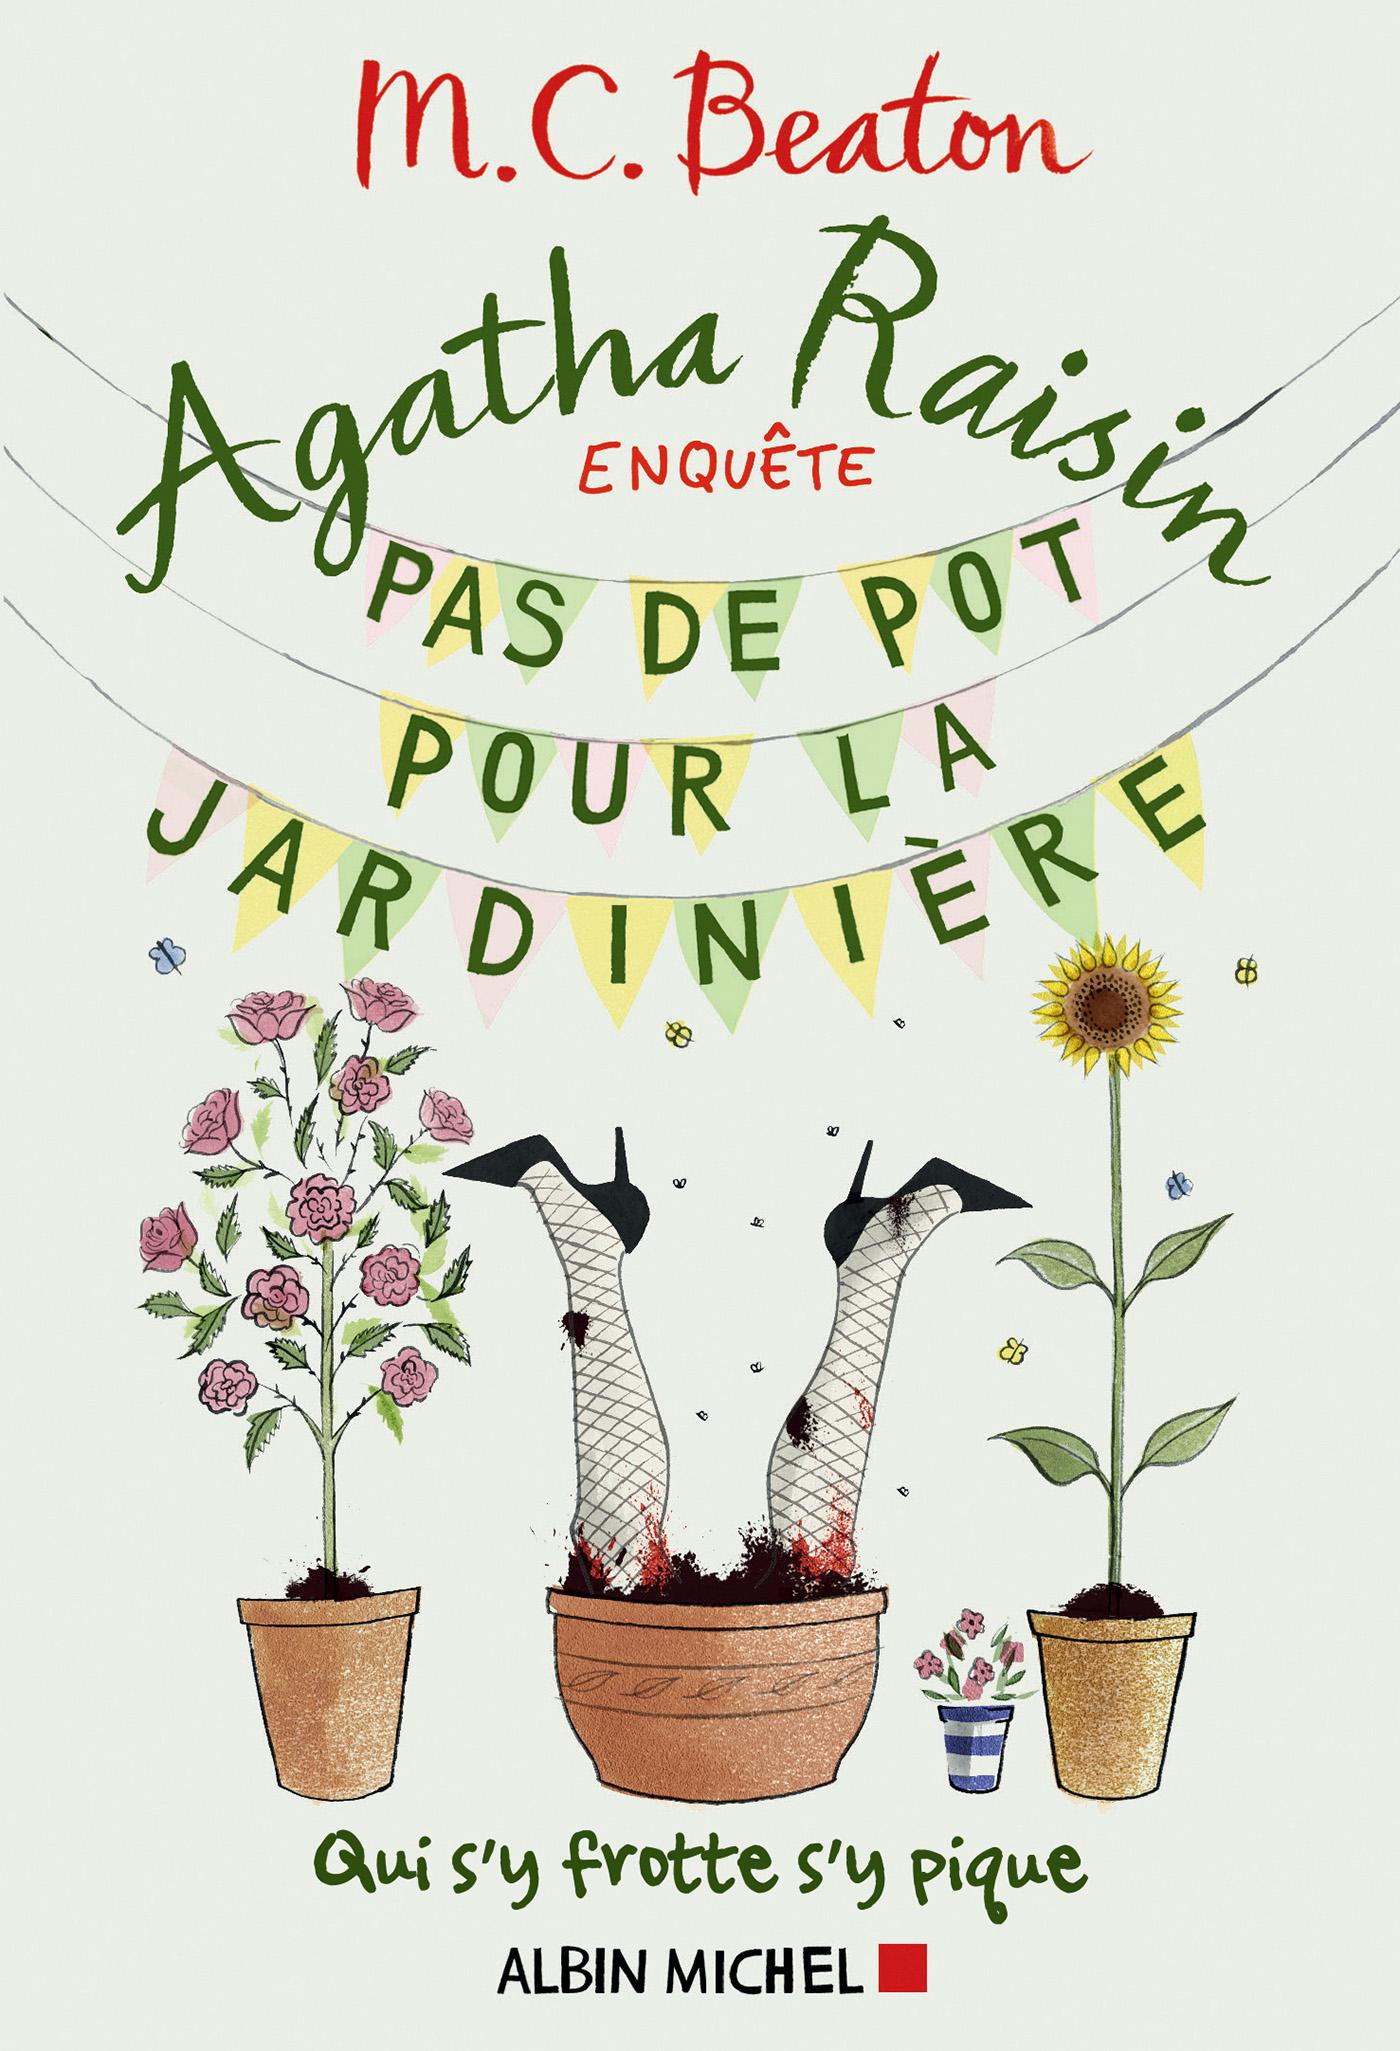 Agatha Raisin enquête 3 - Pas de pot pour la jardinière   Beaton, M. C.. Auteur